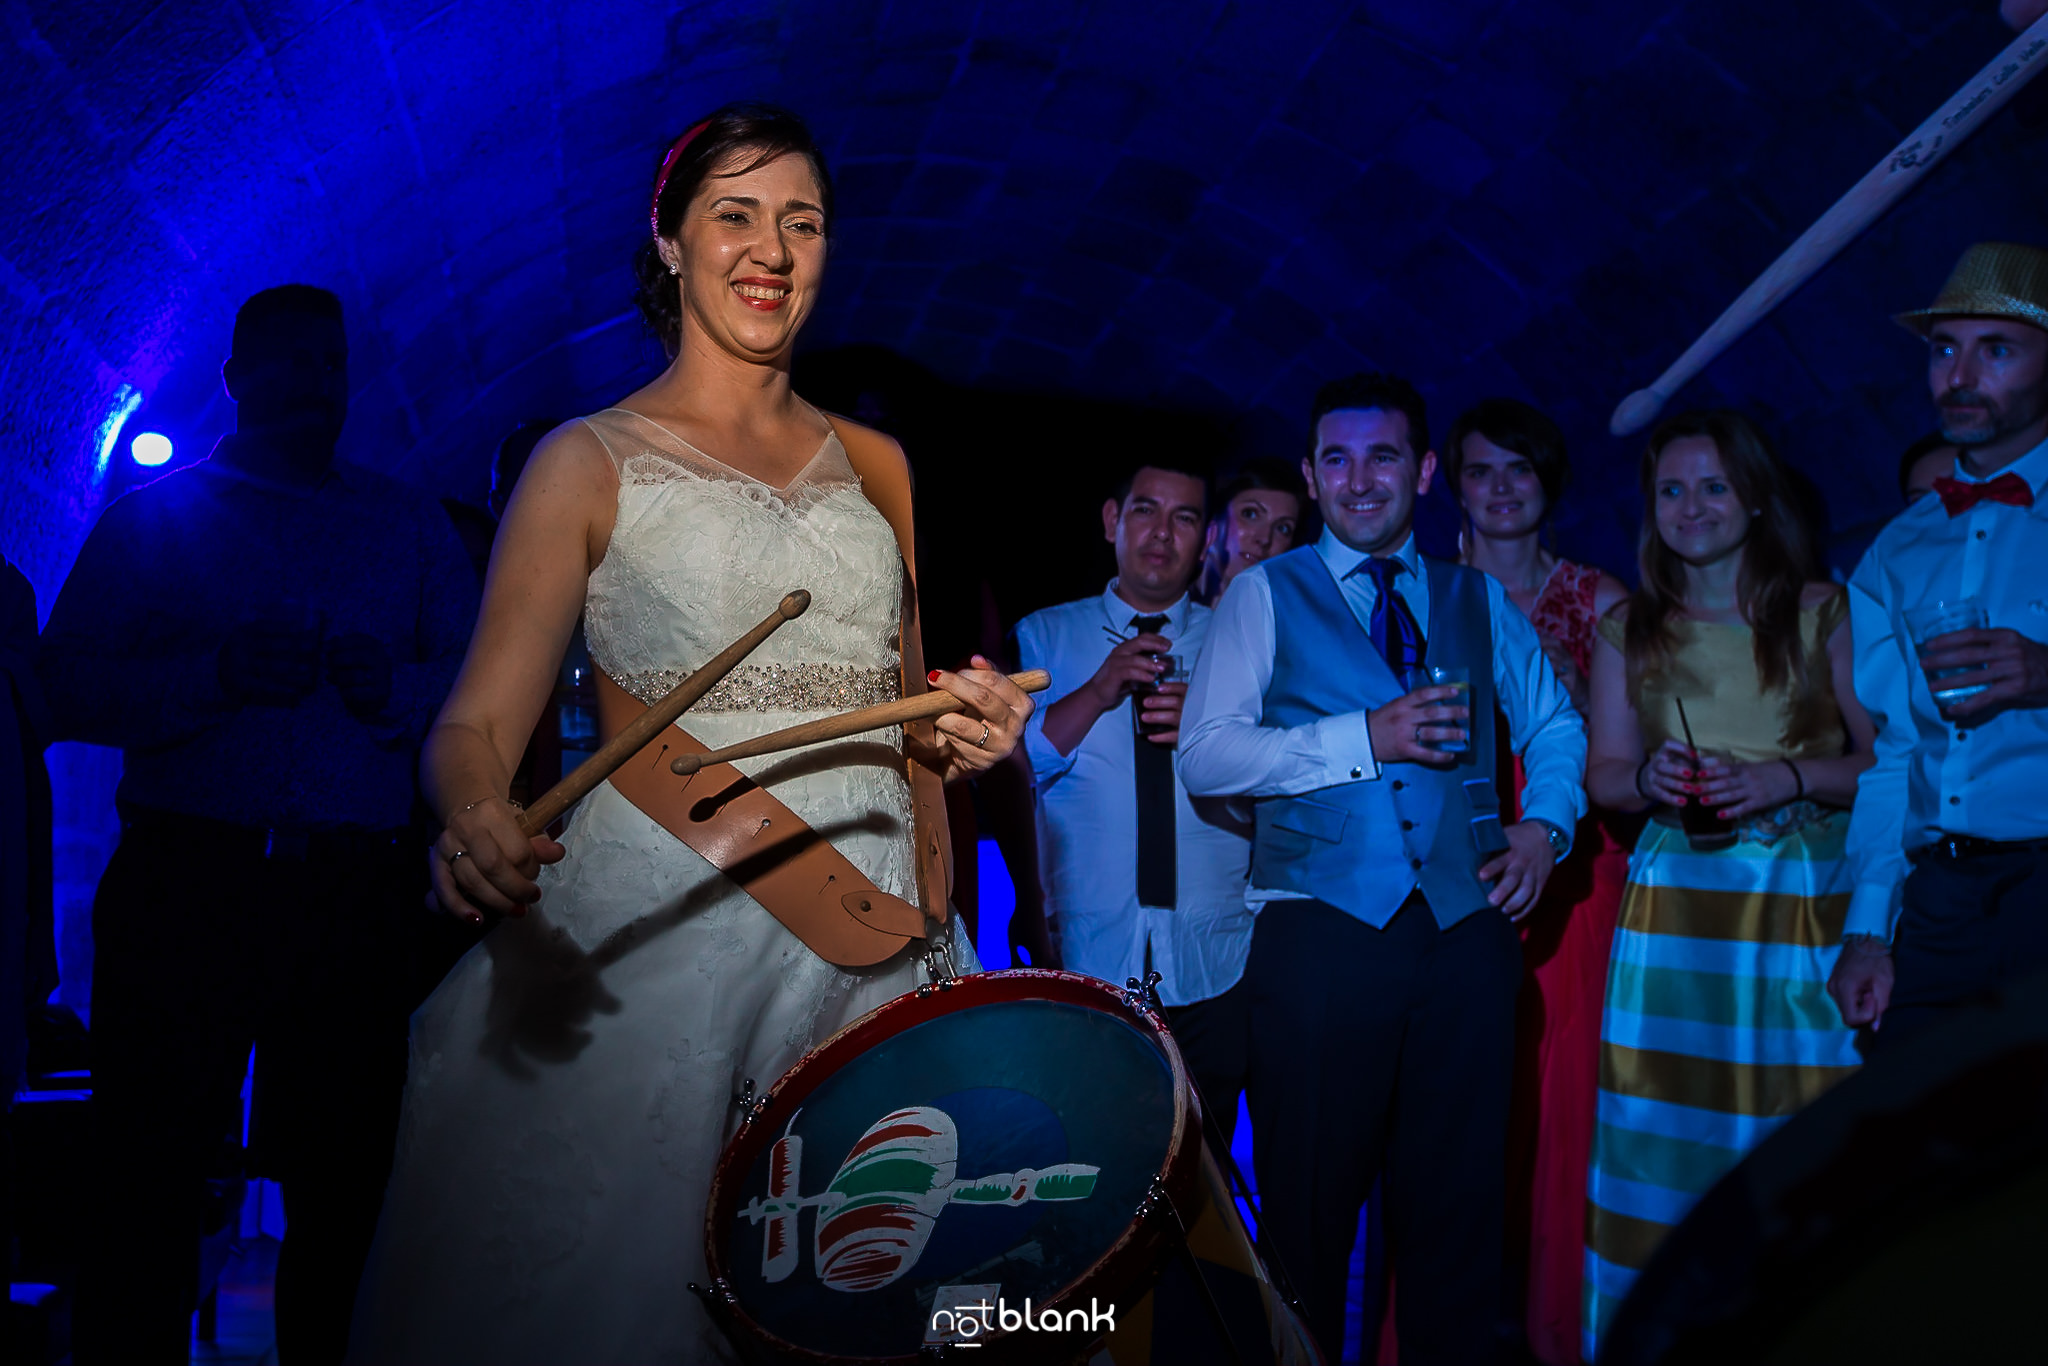 Fotos-De-Fiesta-Baile-Notblank-Fotografos-De-Boda-Galicia